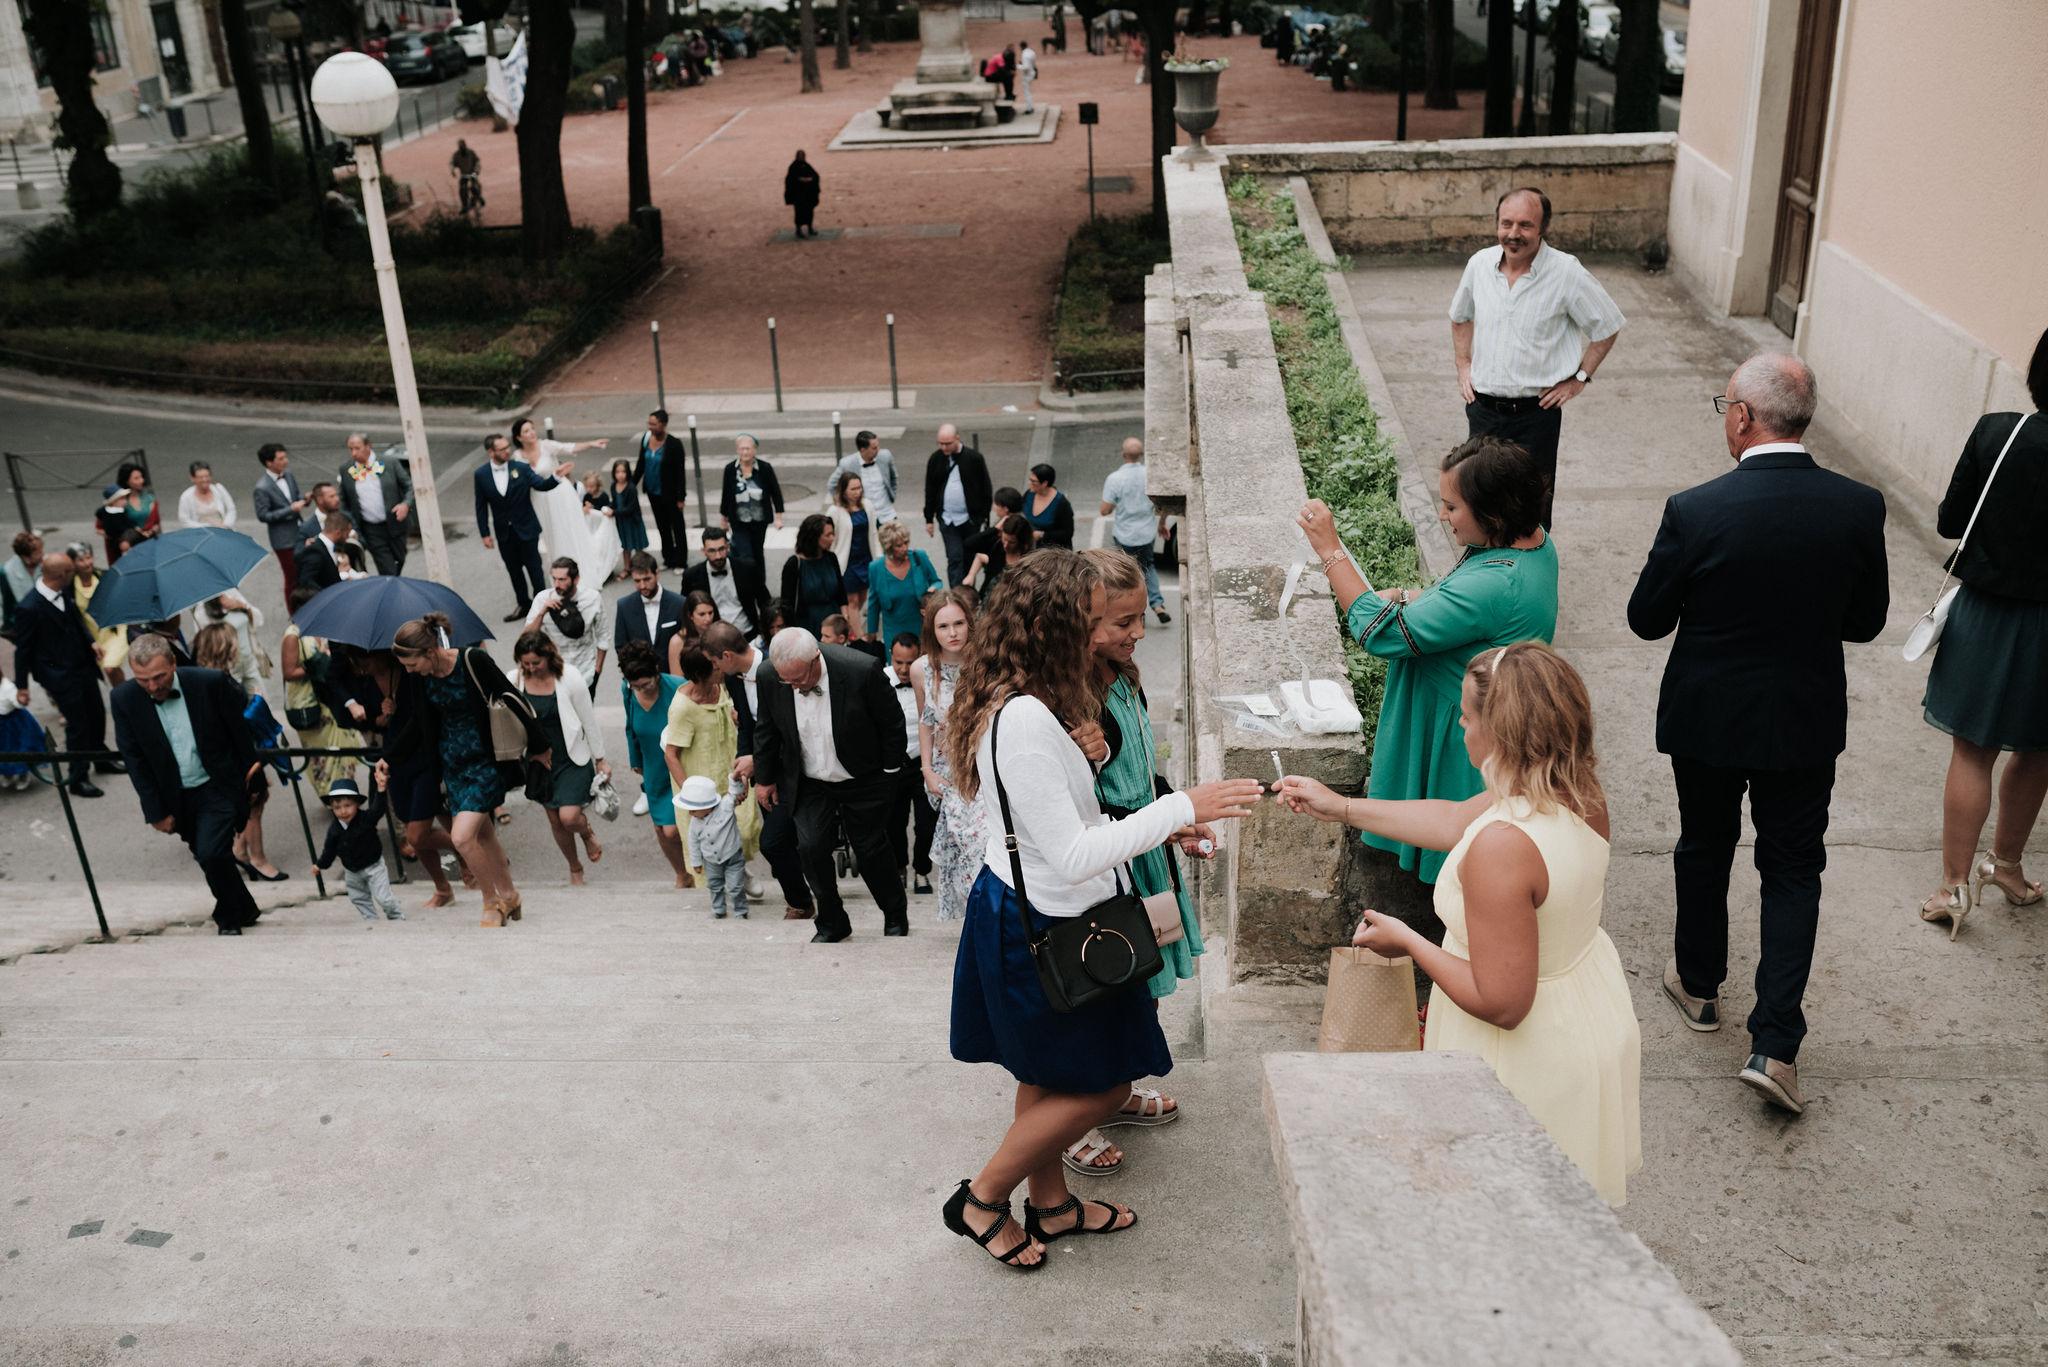 Léa-Fery-photographe-professionnel-lyon-rhone-alpes-portrait-creation-mariage-evenement-evenementiel-famille-5545.jpg